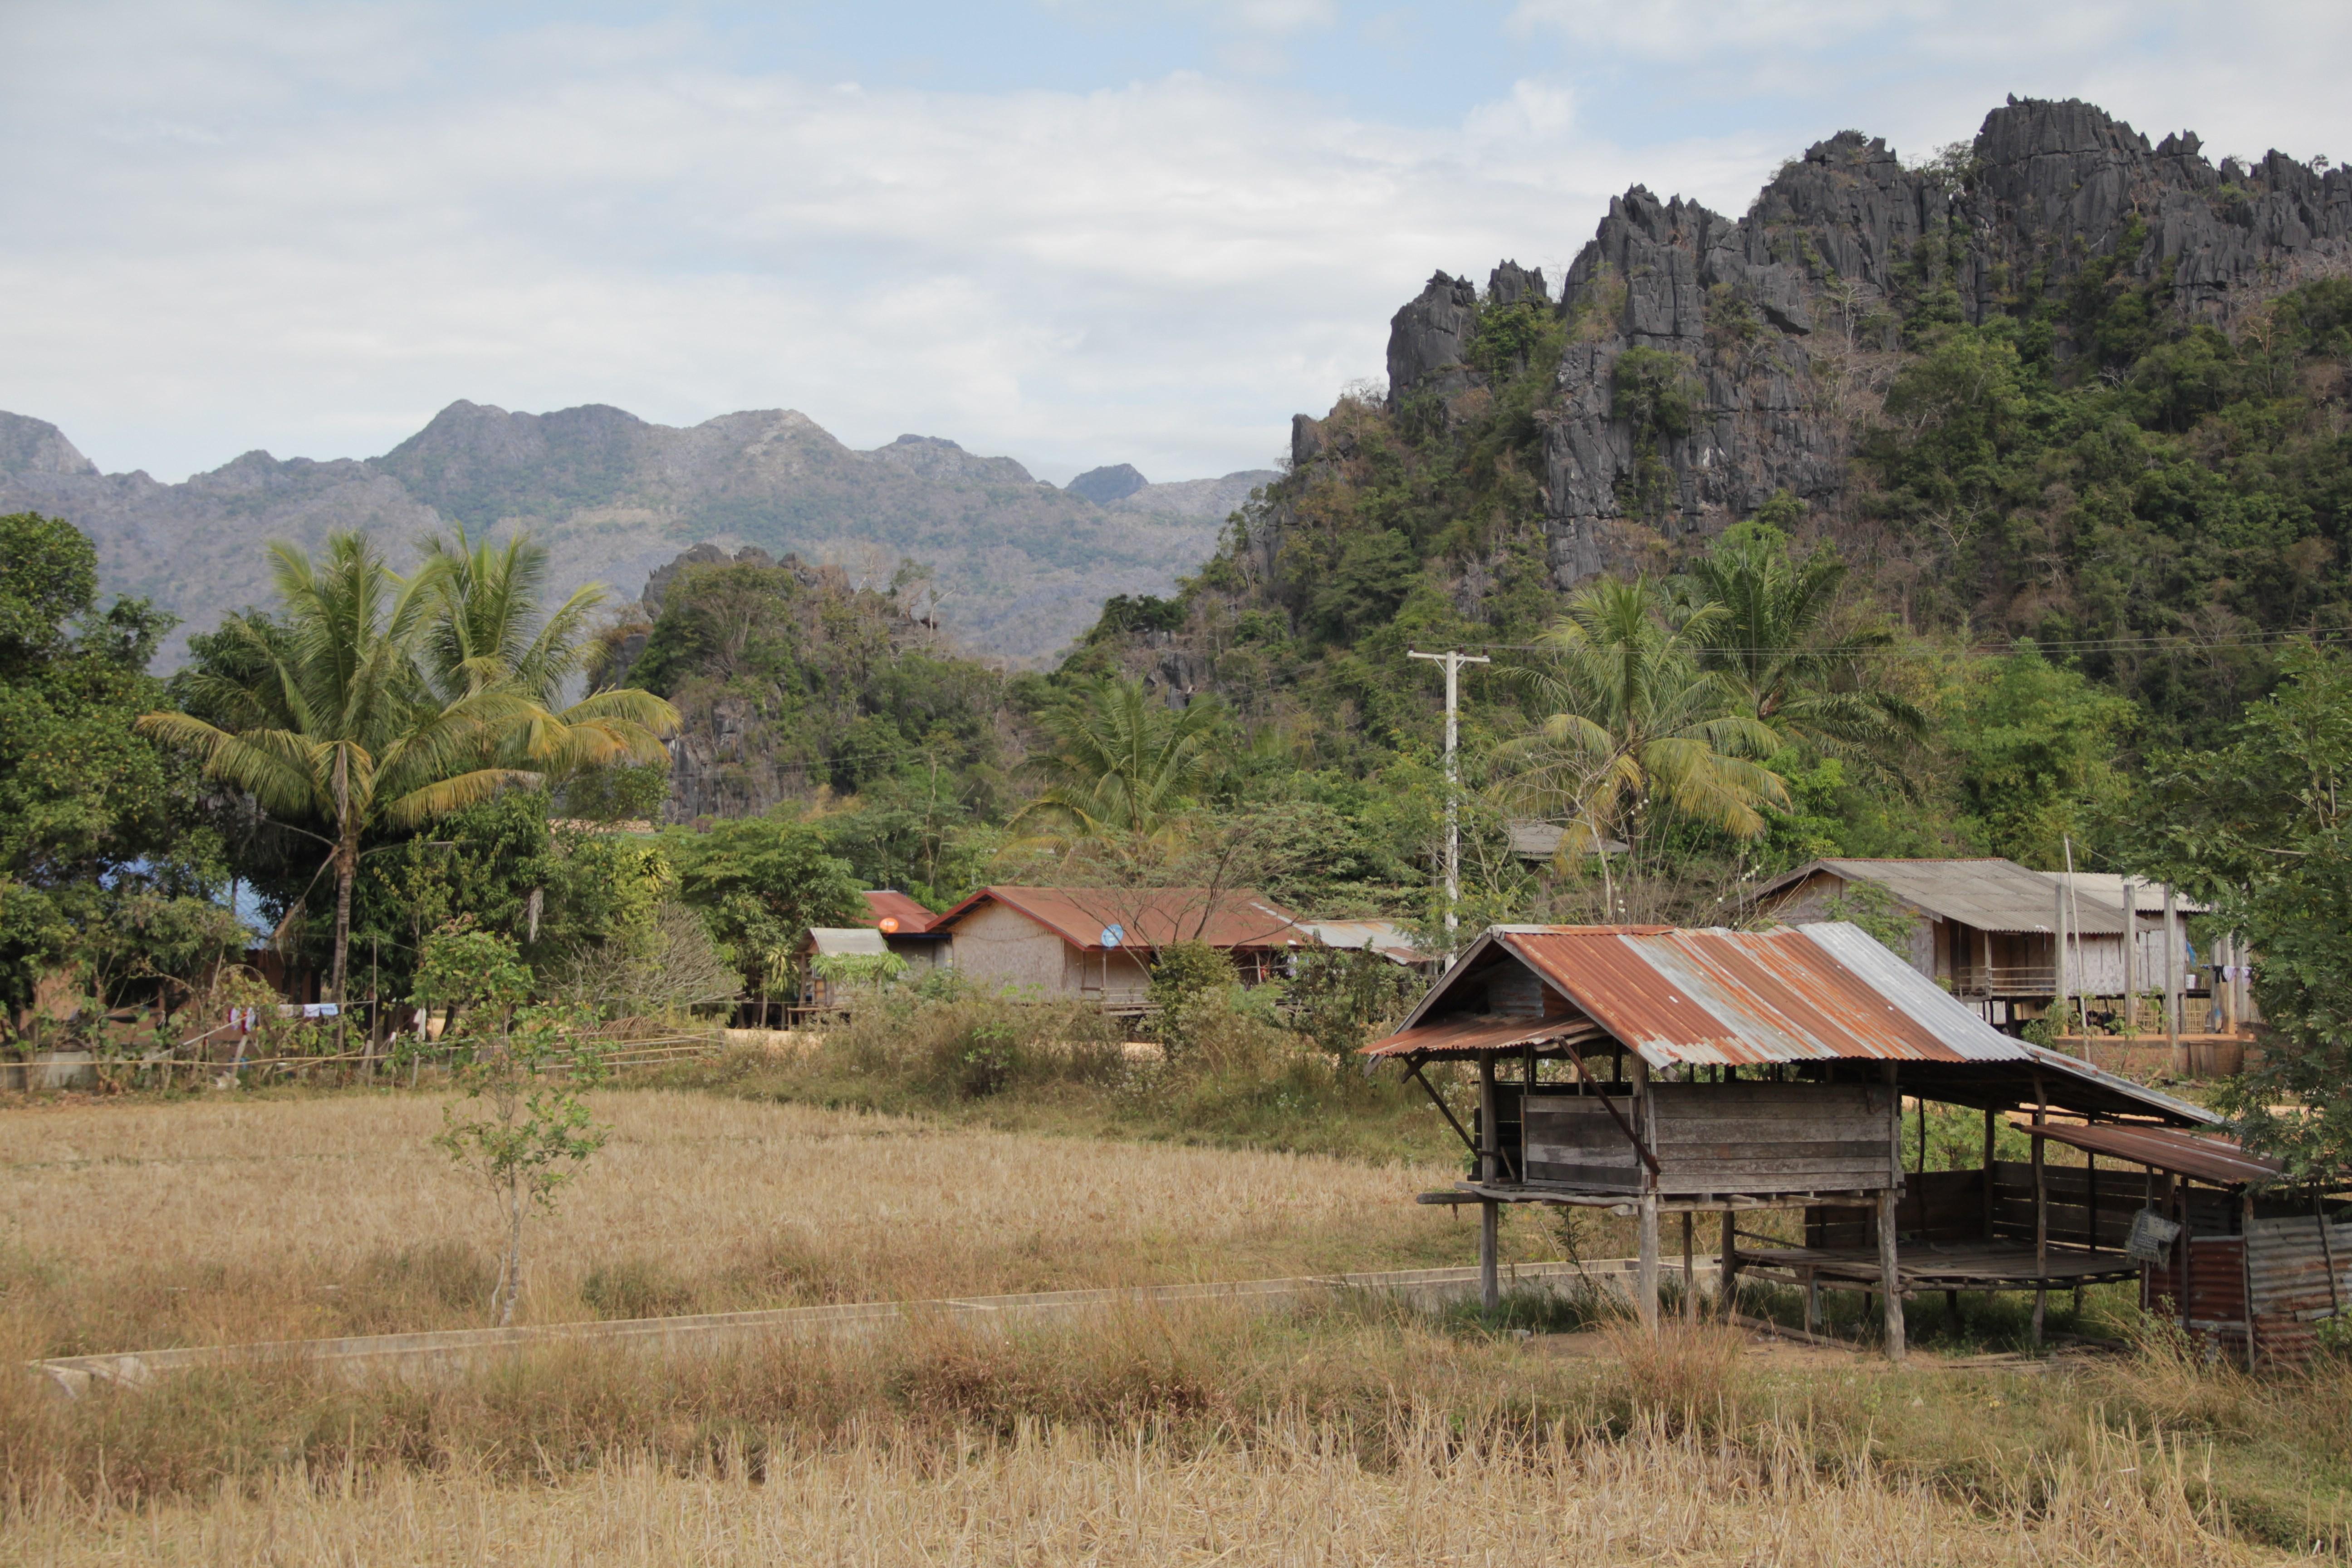 Paysage typique de la boucle : des champs, quelques maisons sur pilotis et au loin, les montagnes de karst  (© Aurélie Bacheley).